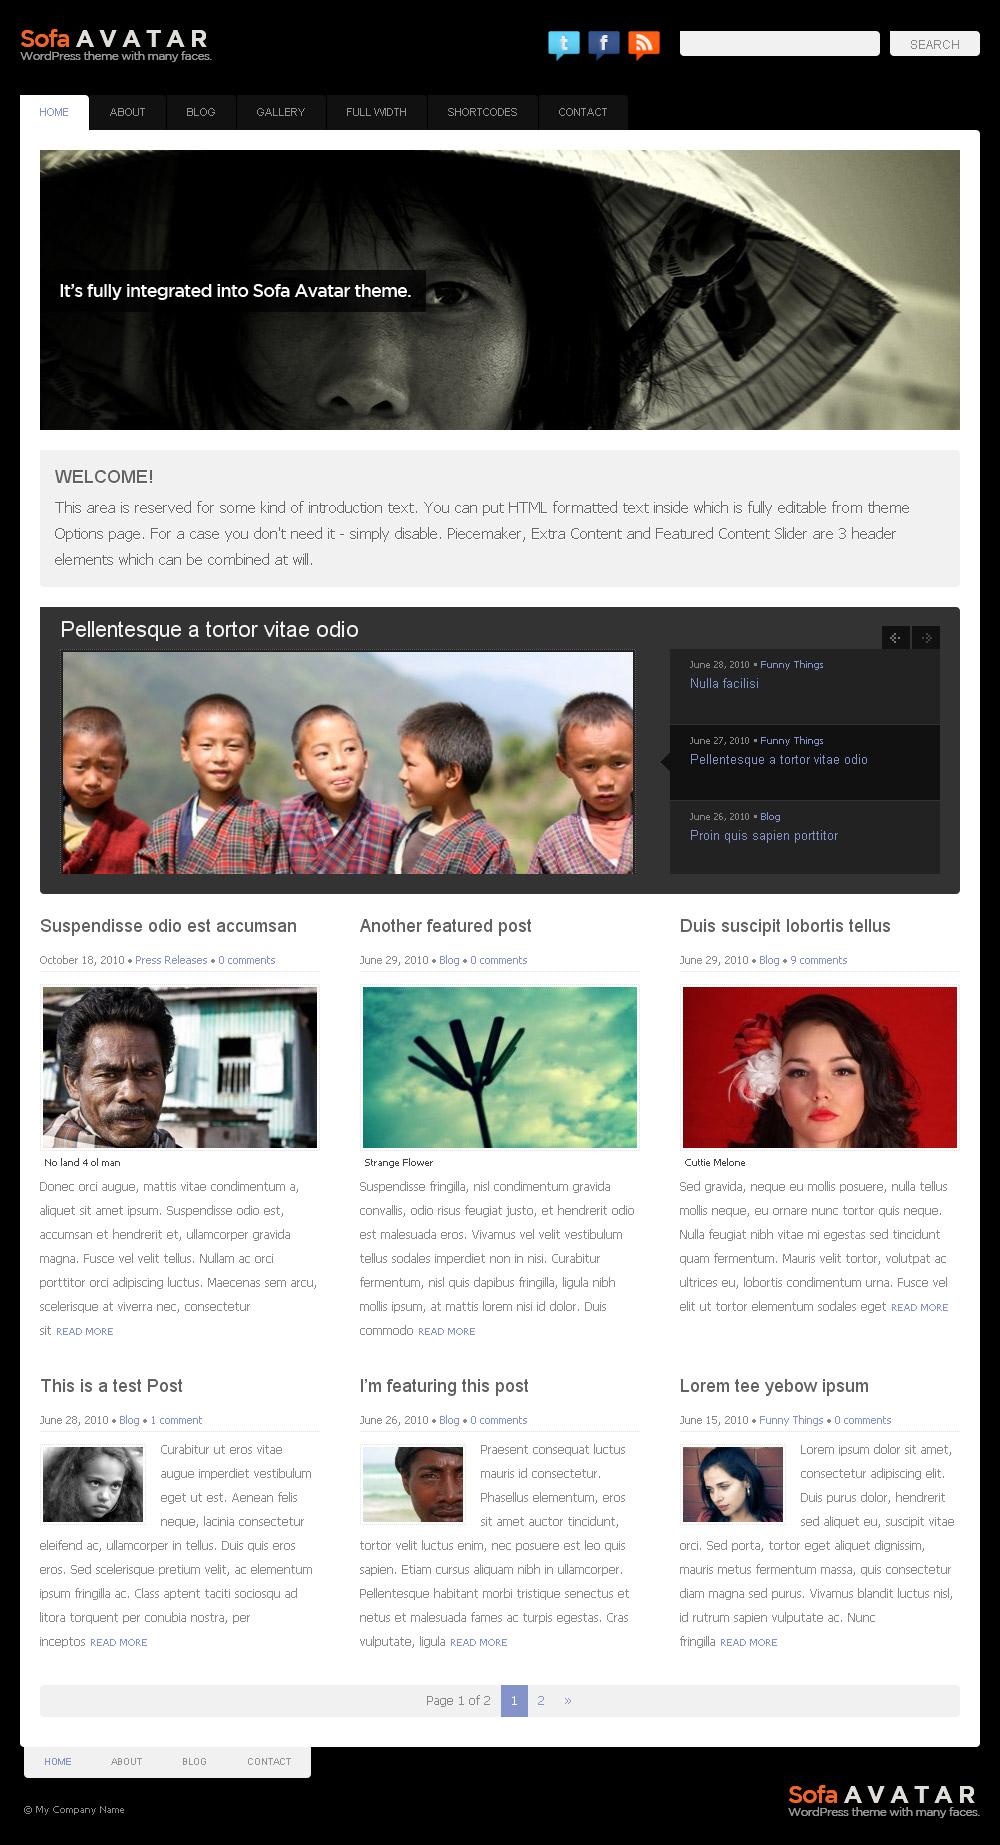 Sofa Avatar - WP Theme with many faces -